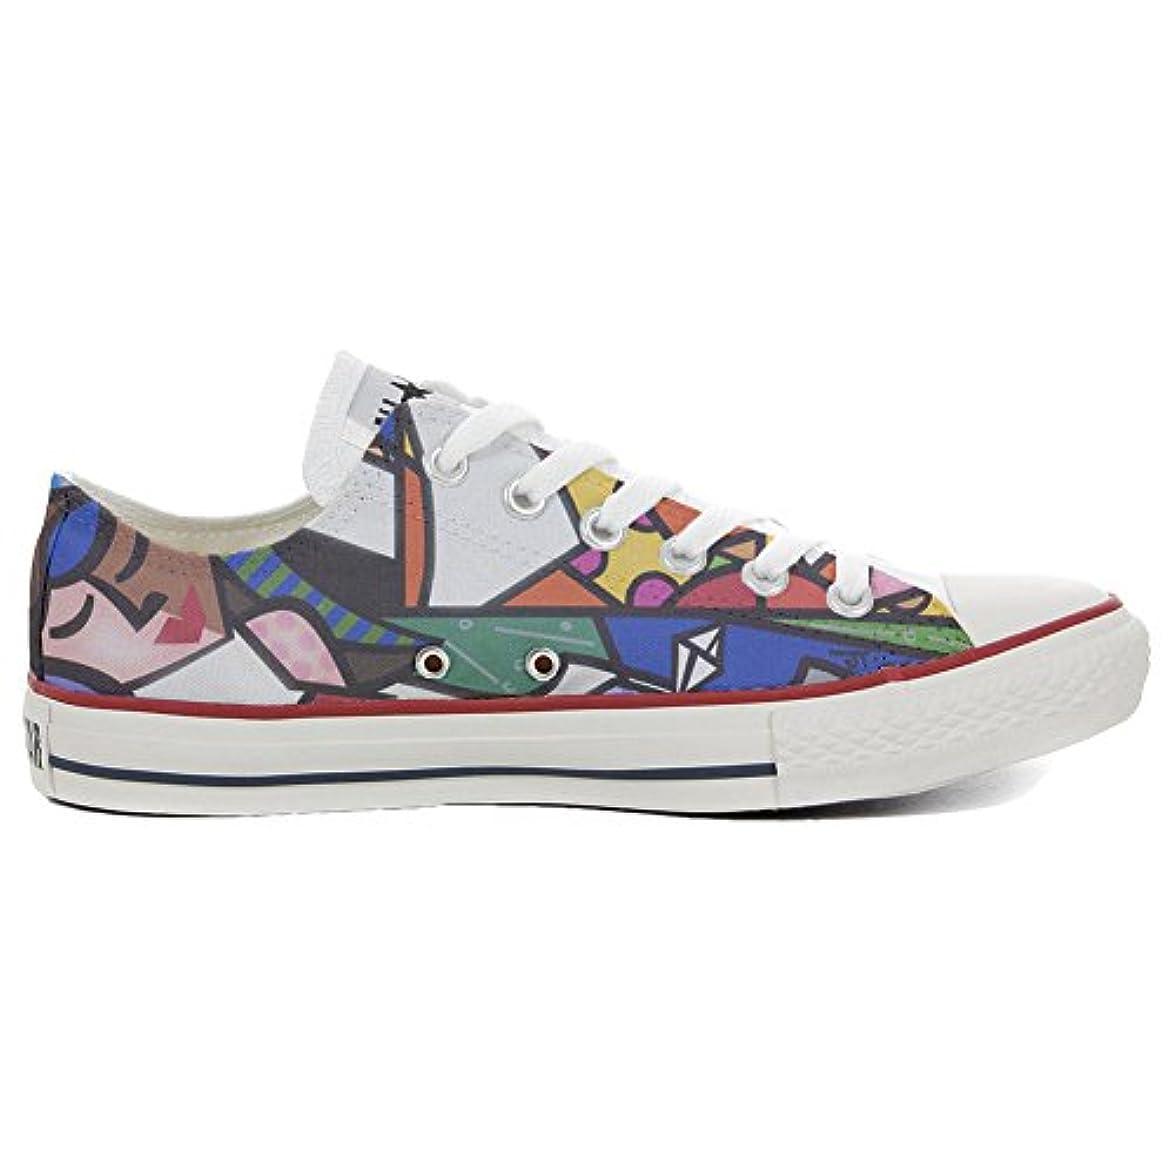 Converse Personalizzate All Star scarpe Artigianali Sneakers Unisex adulto Artistic